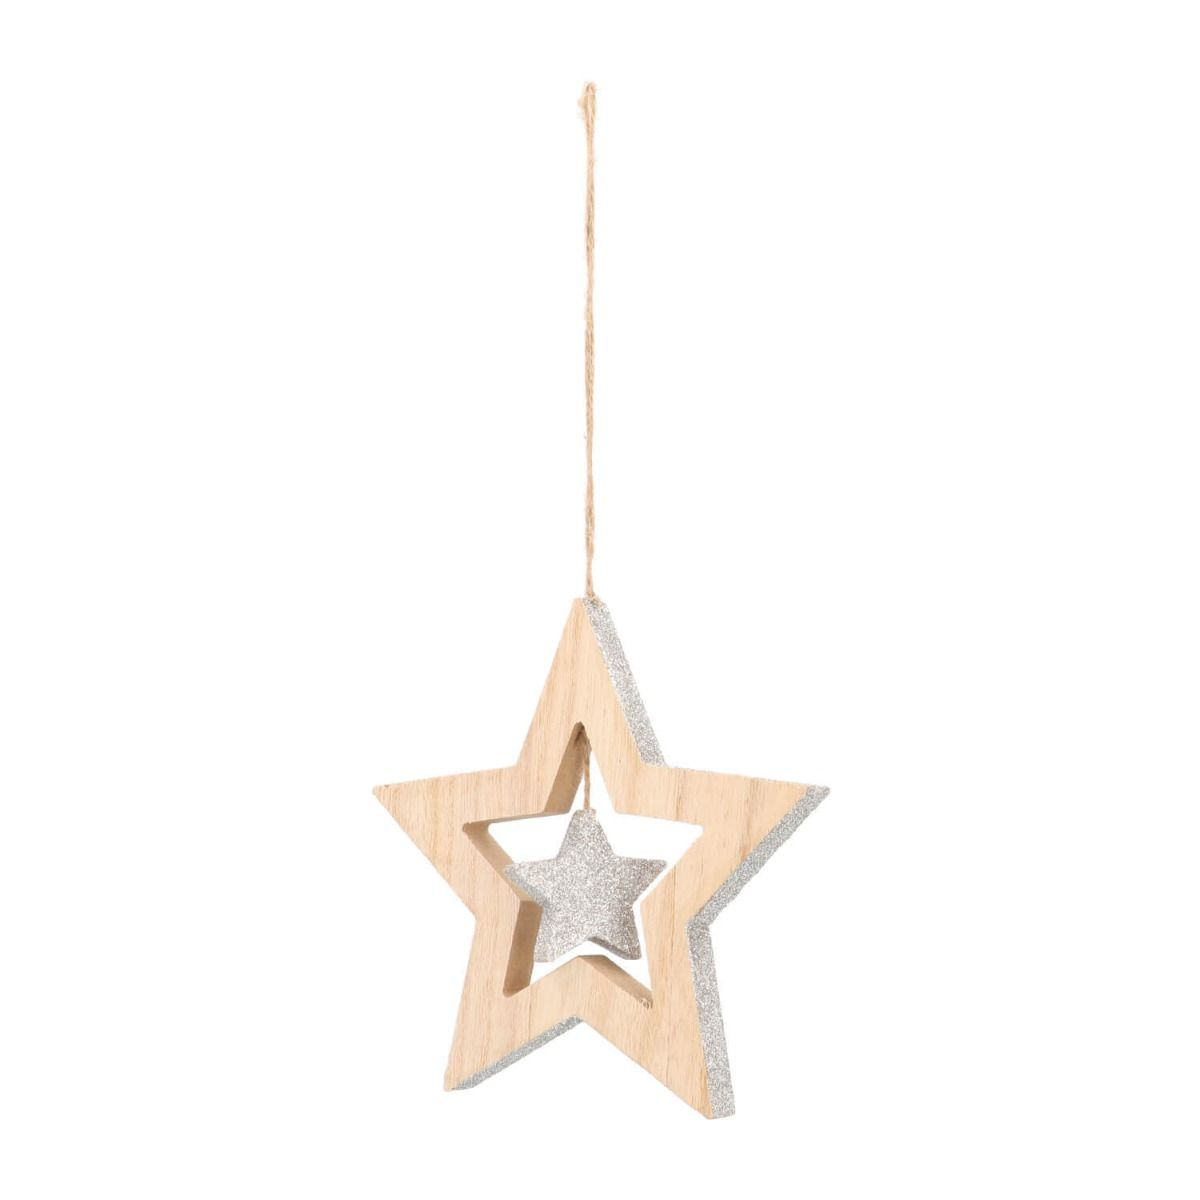 Pin Van Michelle Dubbeld Op Kerstmis Decoratie Knutselen Kerst Ornament Houten Kerstmis Decoratie Knutselen